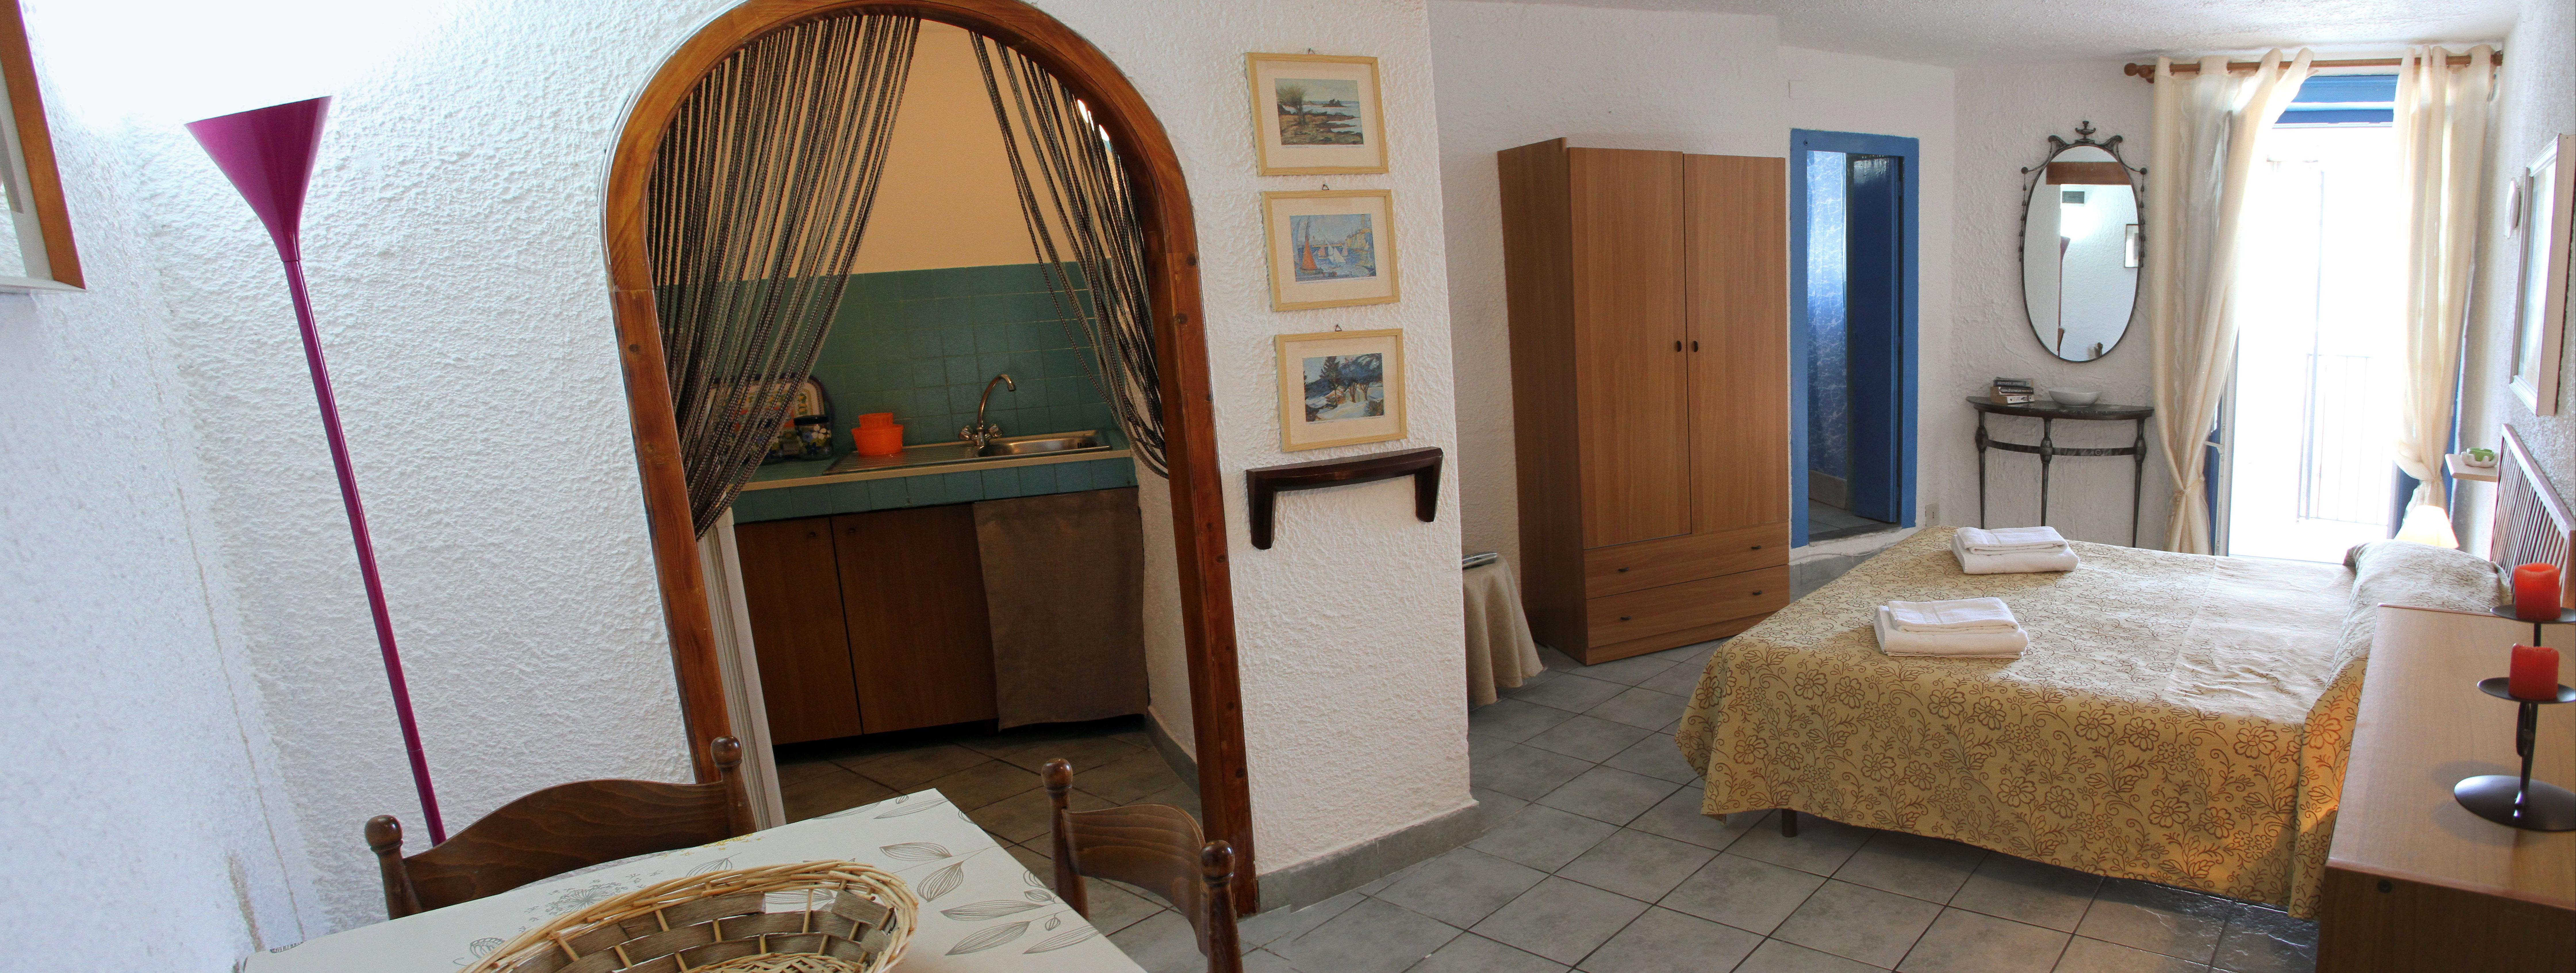 Appartement de vacances Ein charmantes Studio-apartment mit Terrasse und Blick auf das Meer (2124683), Cefalù, Palermo, Sicile, Italie, image 4